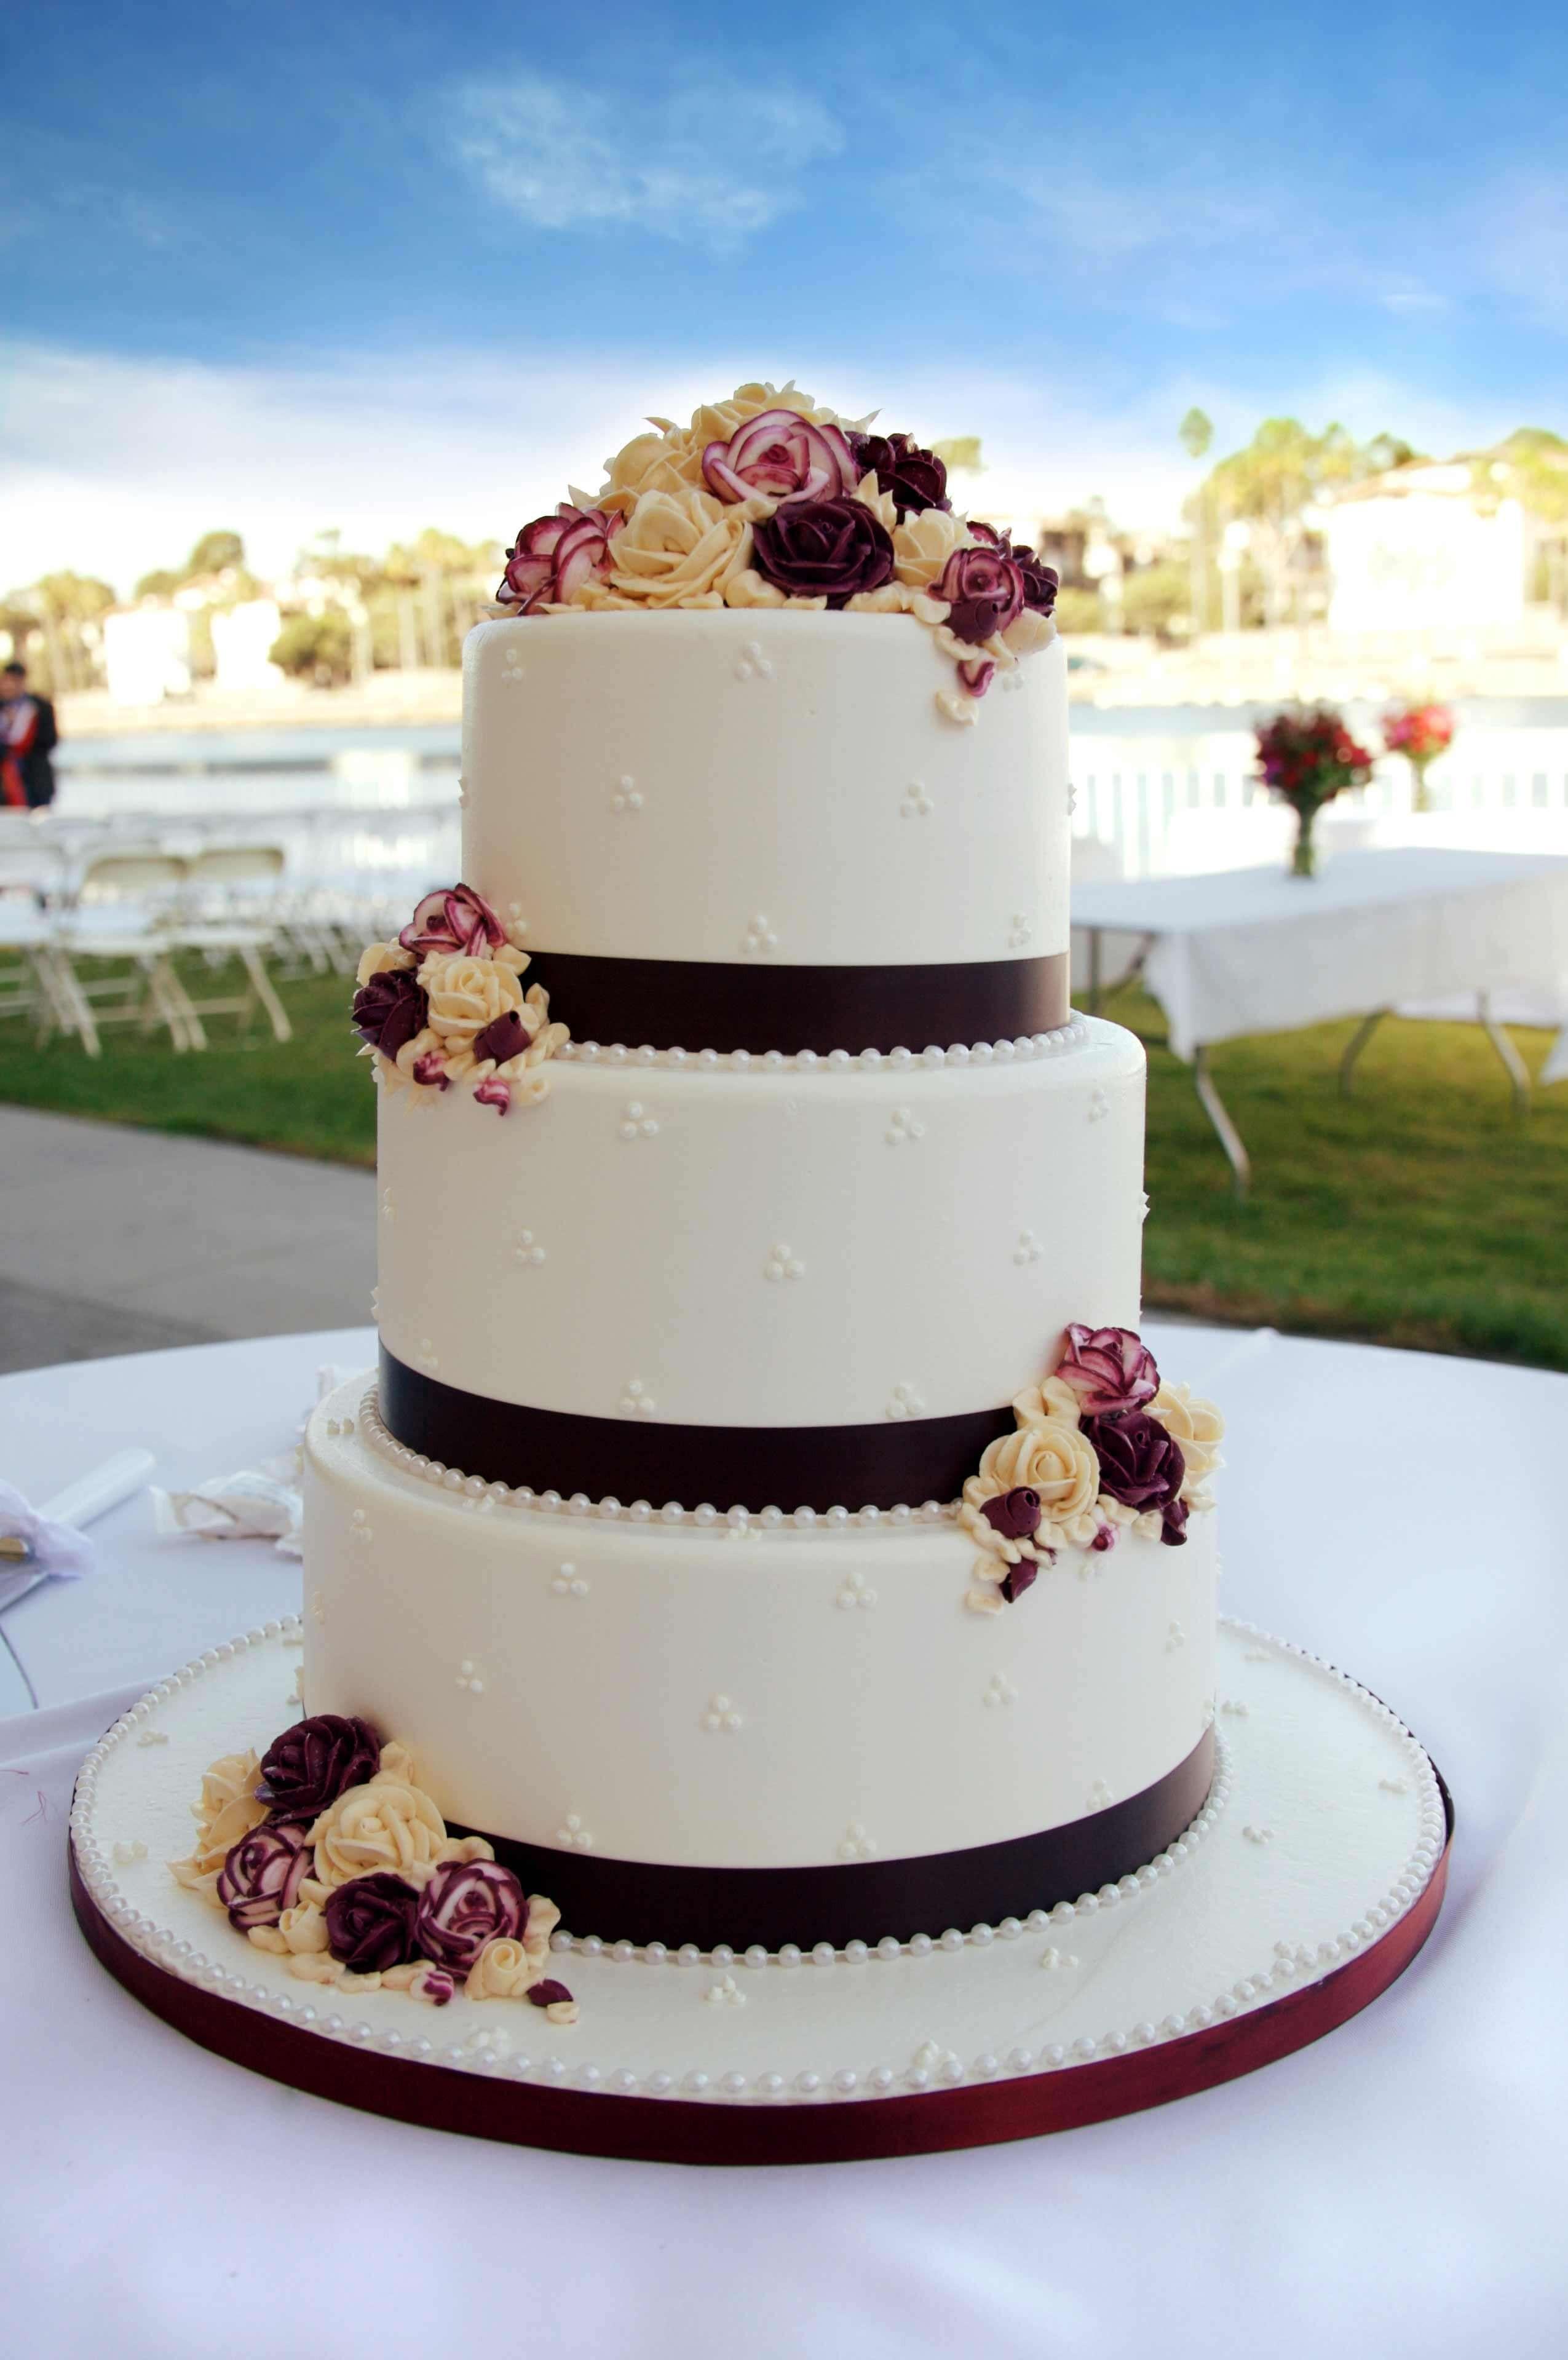 Marzipan Wedding Cakes  Hochzeitstorte Bildergalerie Hochzeitsportal24